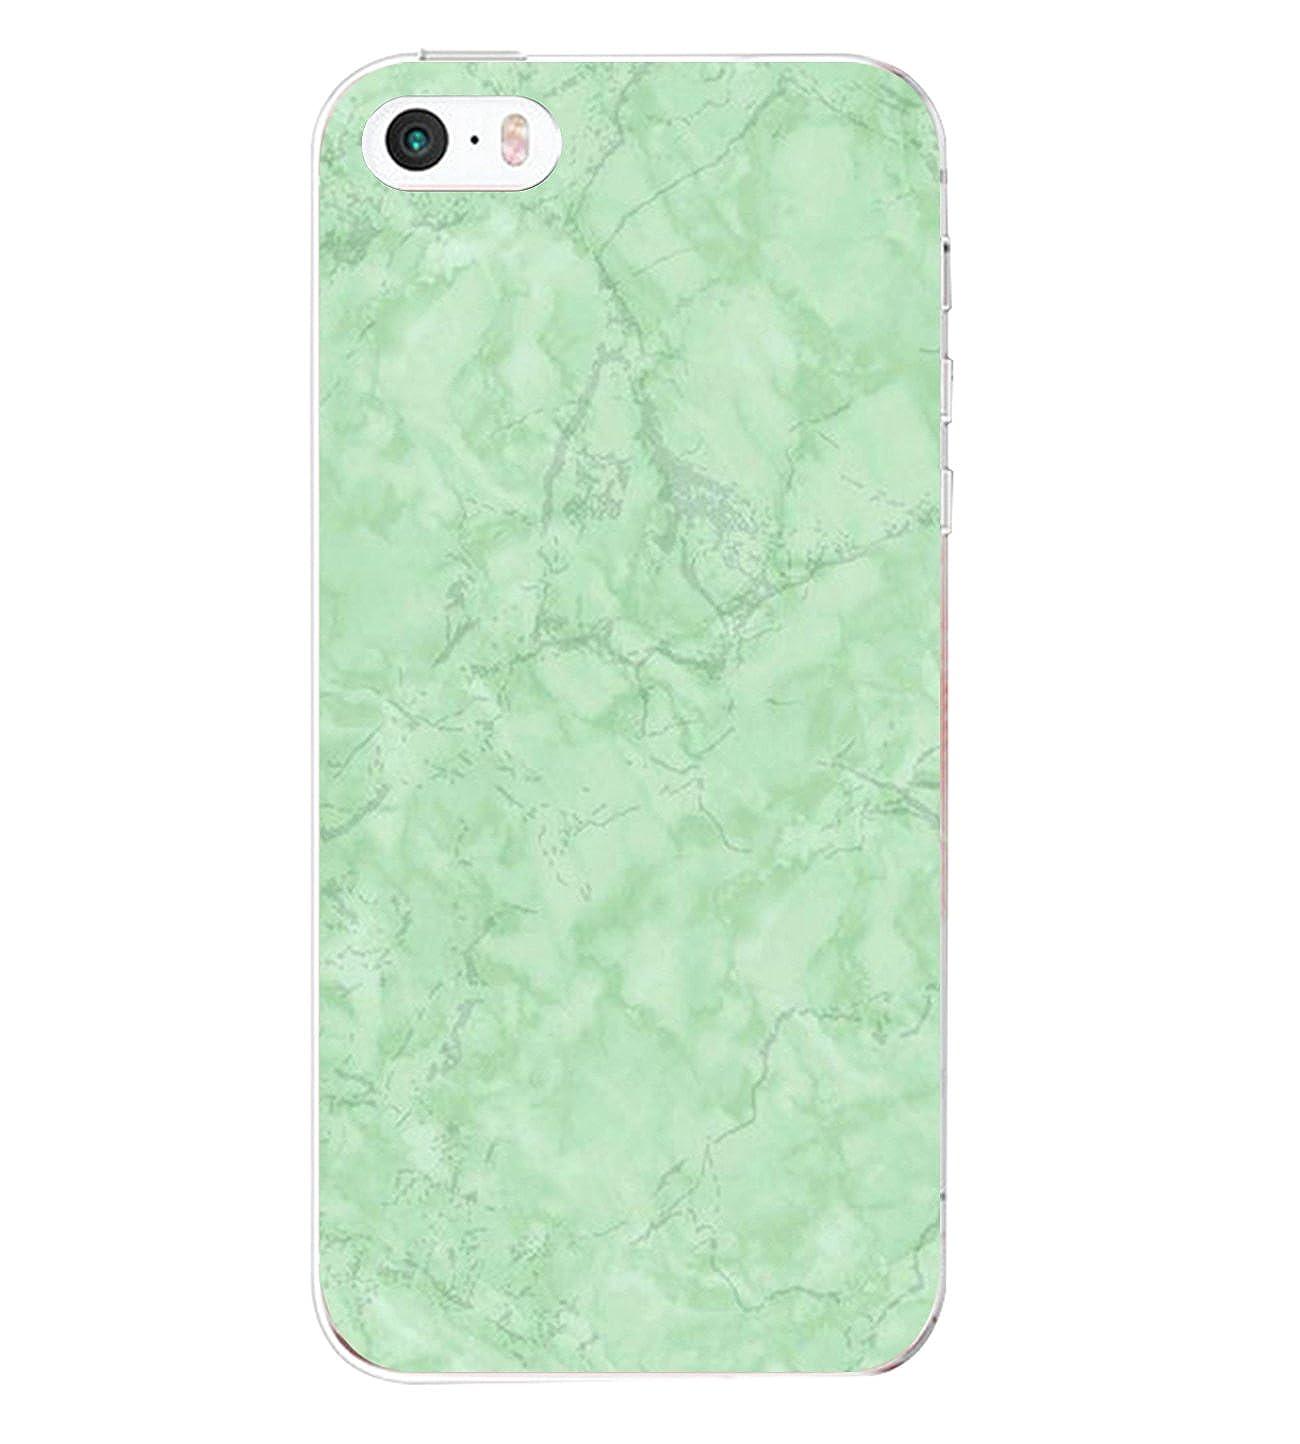 vanki Custodia iPhone 5 5s iPhone 5/5s/se Cover Case Morbida di TPU Silikon Cristallo Trasparente Sottile Bordo Proteggi Copertura Completa-modello originale Color 1) VITXY-L0338